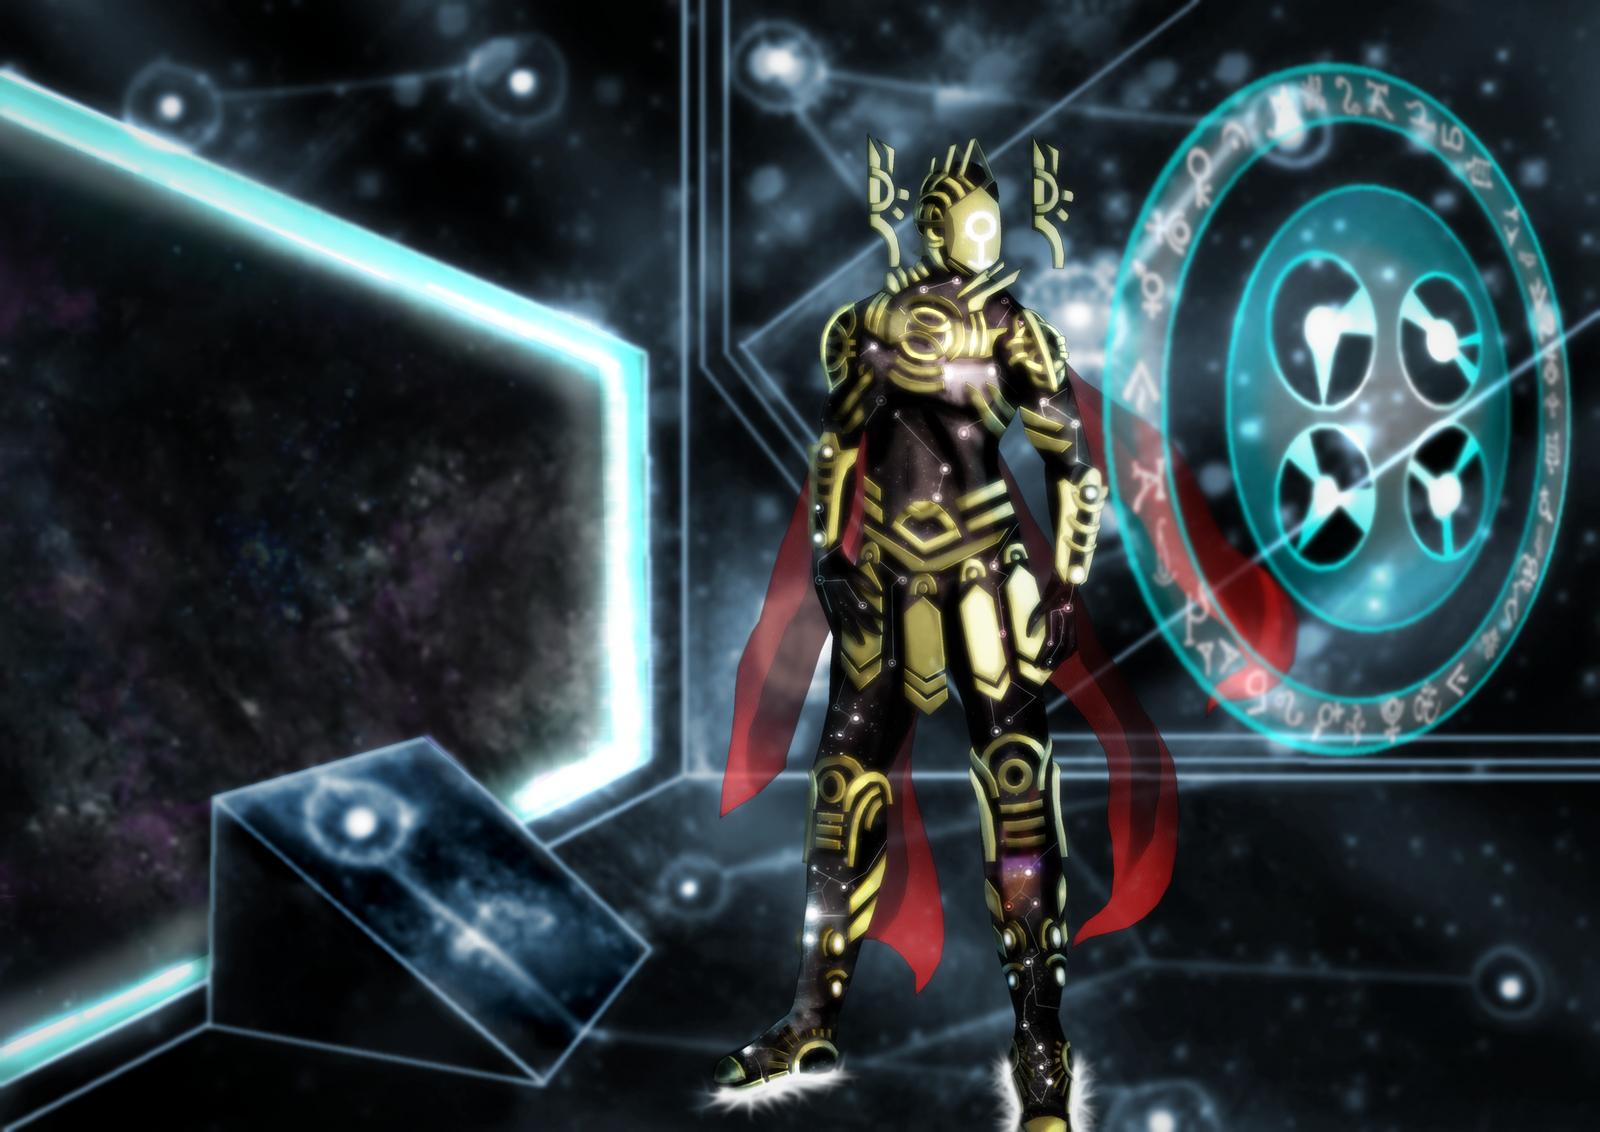 Ancient Astronaut by DarthDestruktor on DeviantArt